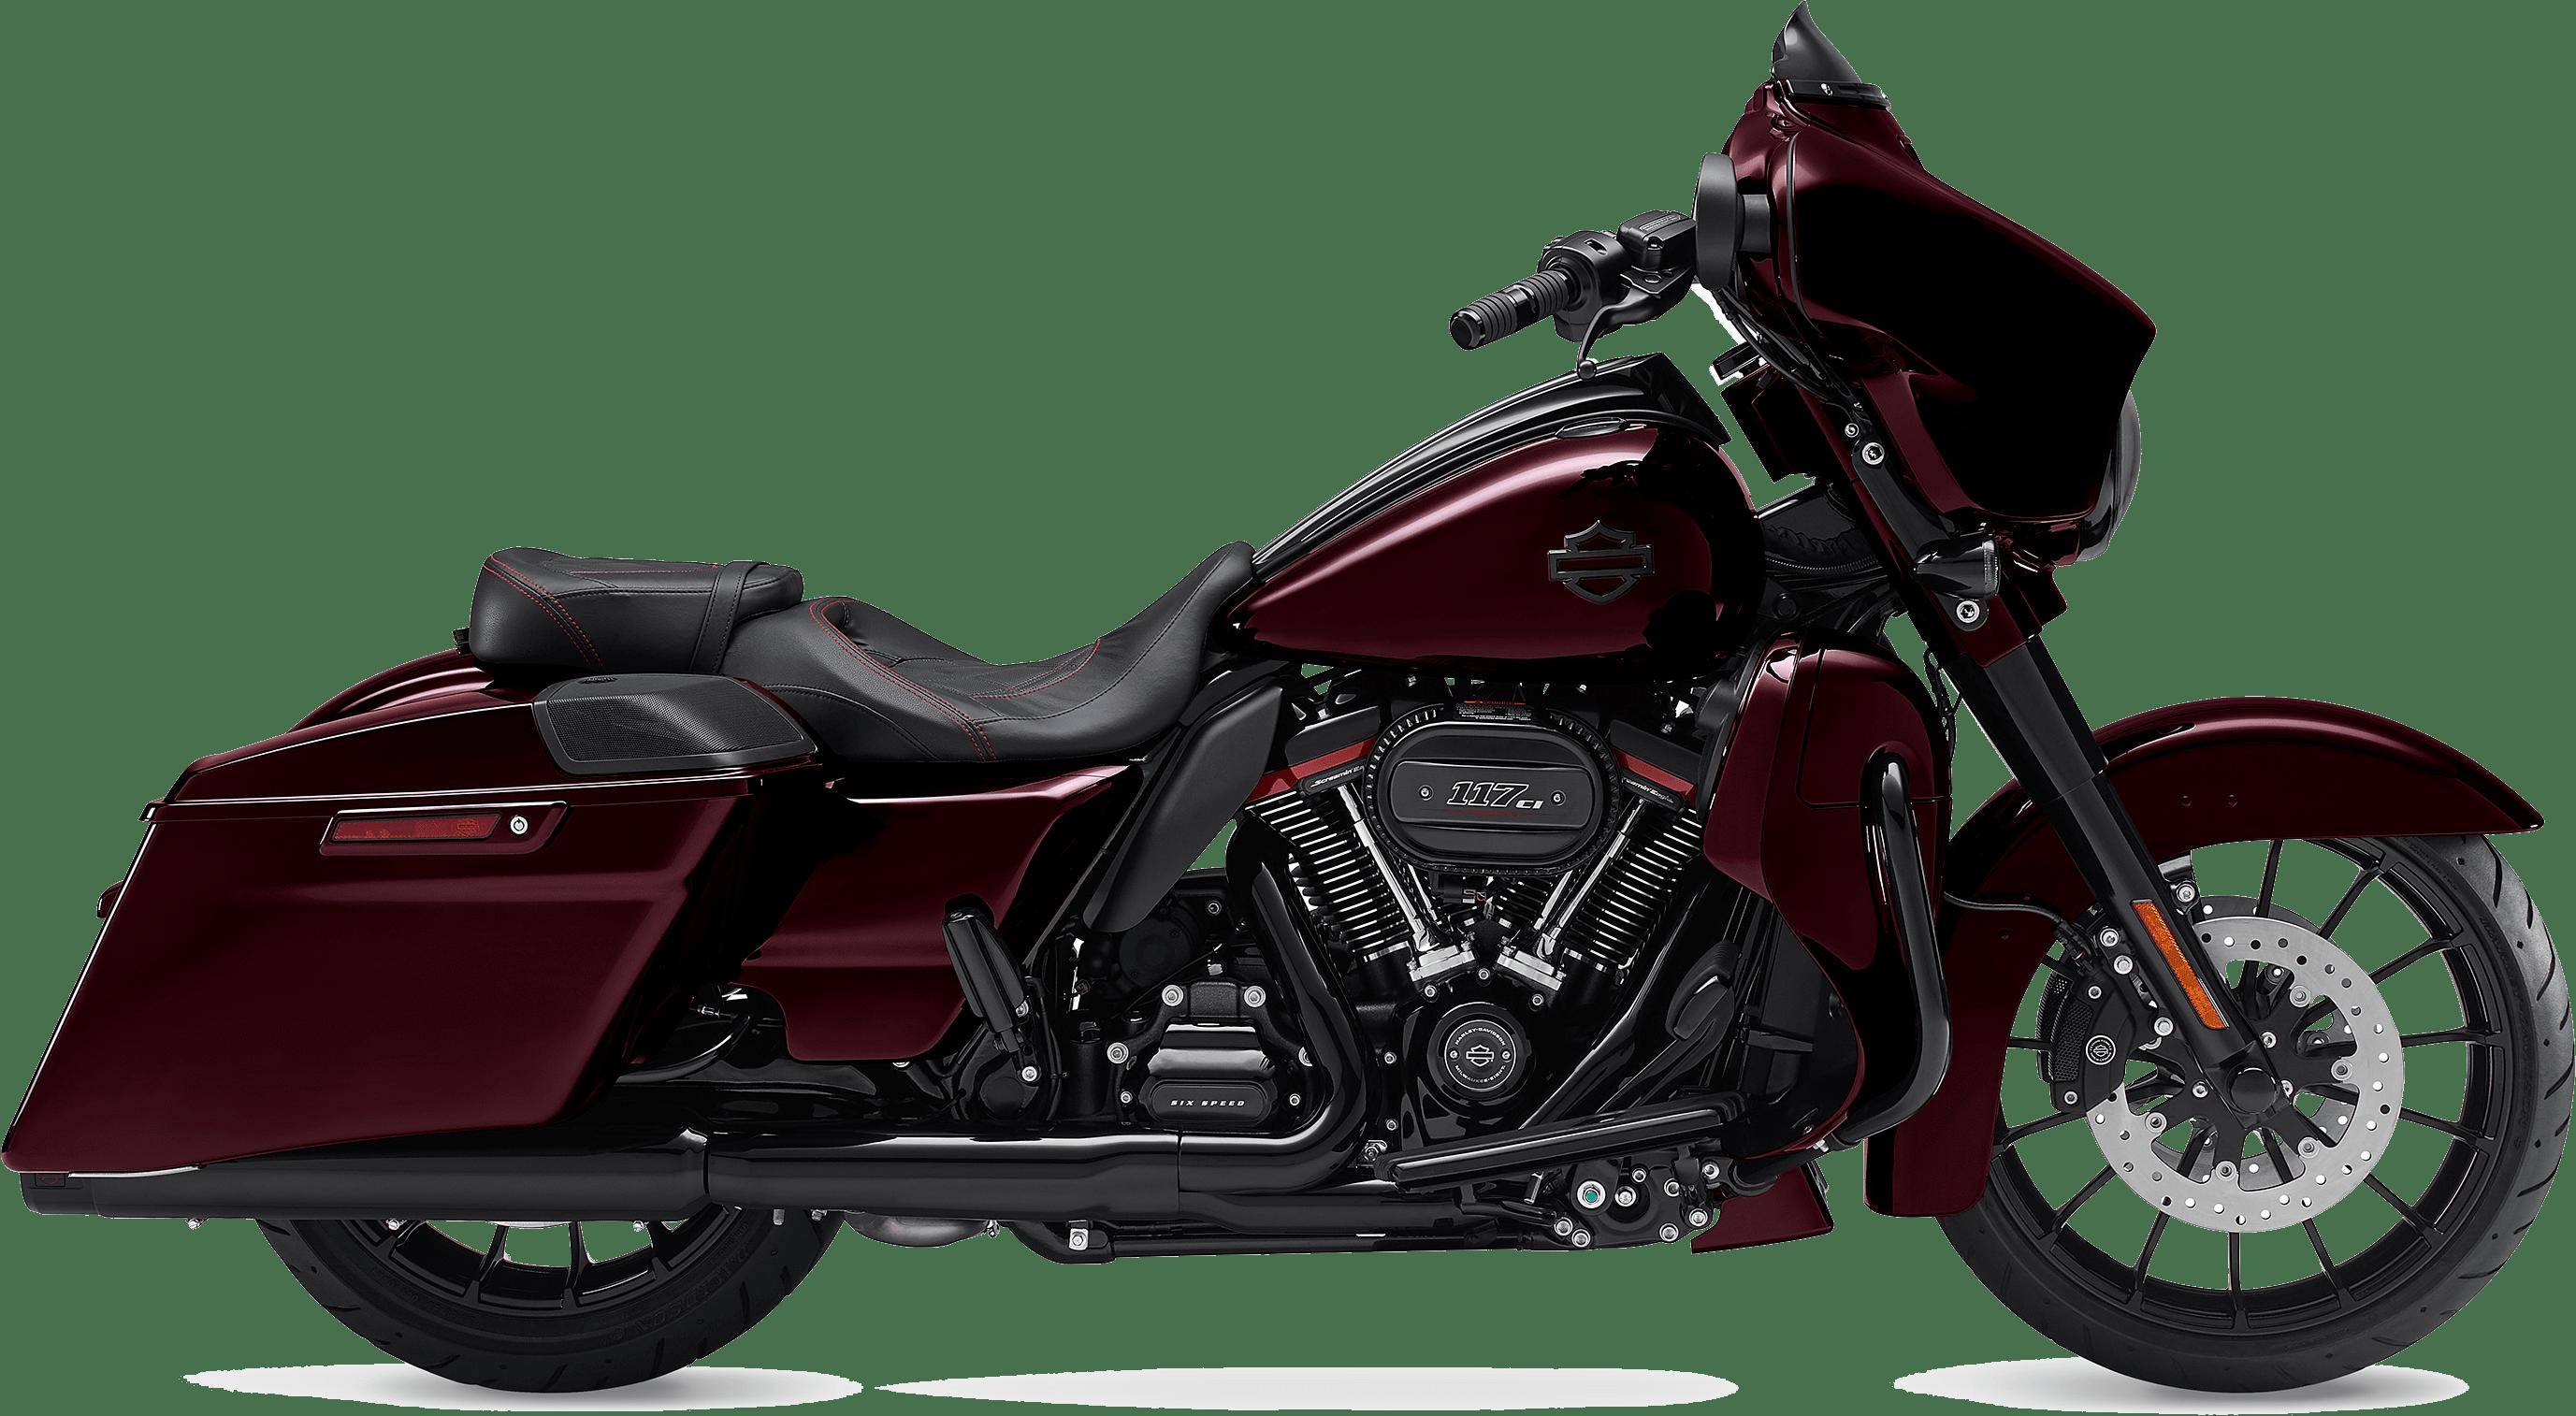 2019 Harley-Davidson H-D CVO Street Glide Black Forest